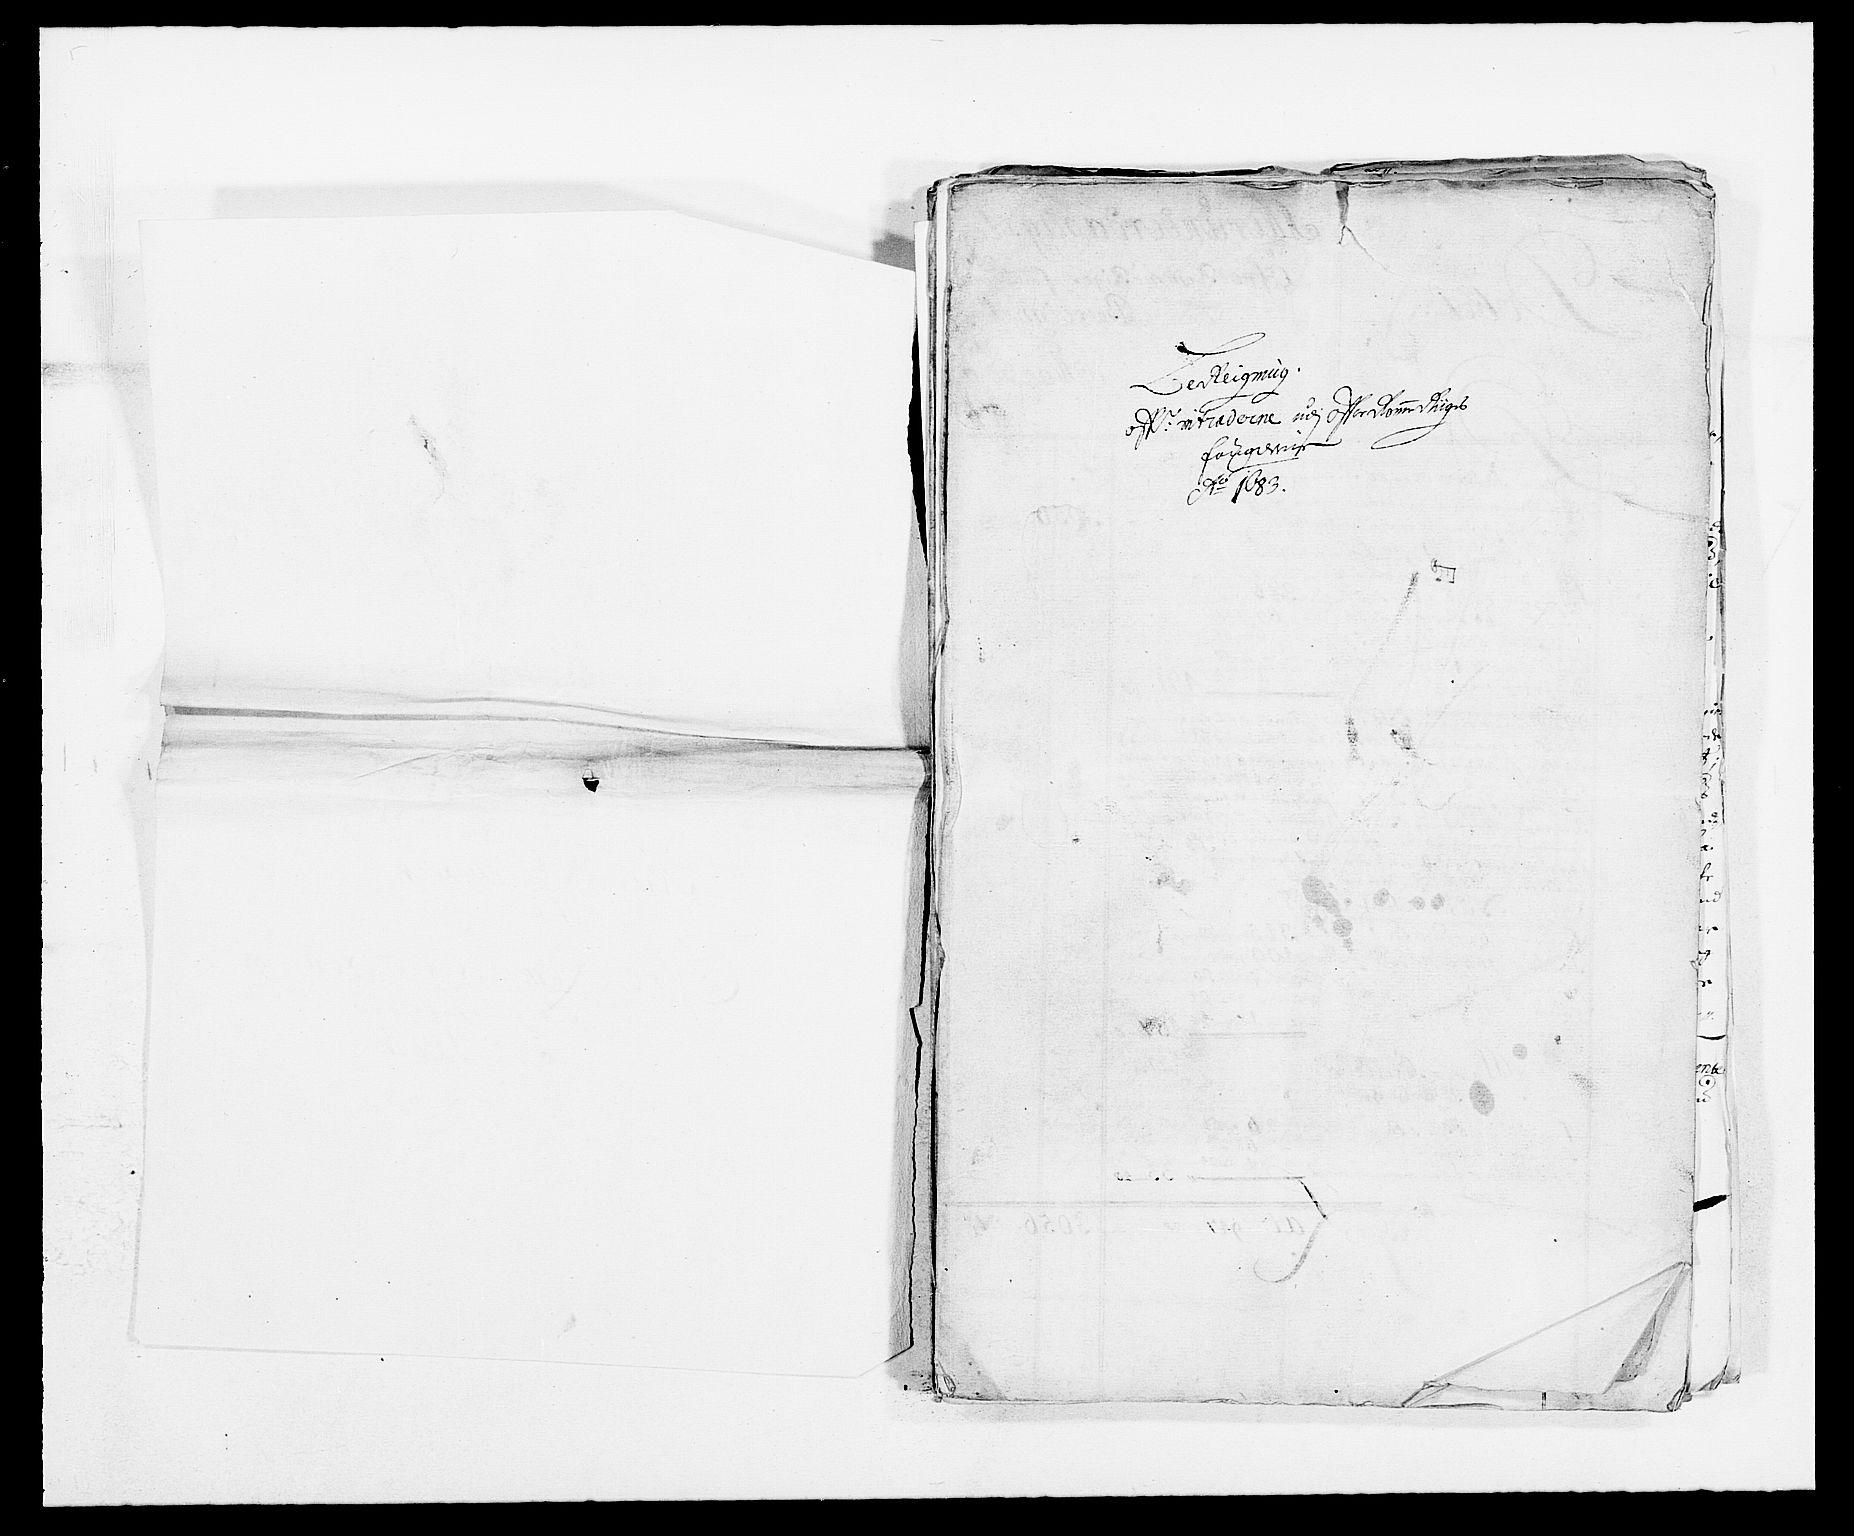 RA, Rentekammeret inntil 1814, Reviderte regnskaper, Fogderegnskap, R12/L0697: Fogderegnskap Øvre Romerike, 1682-1683, s. 267